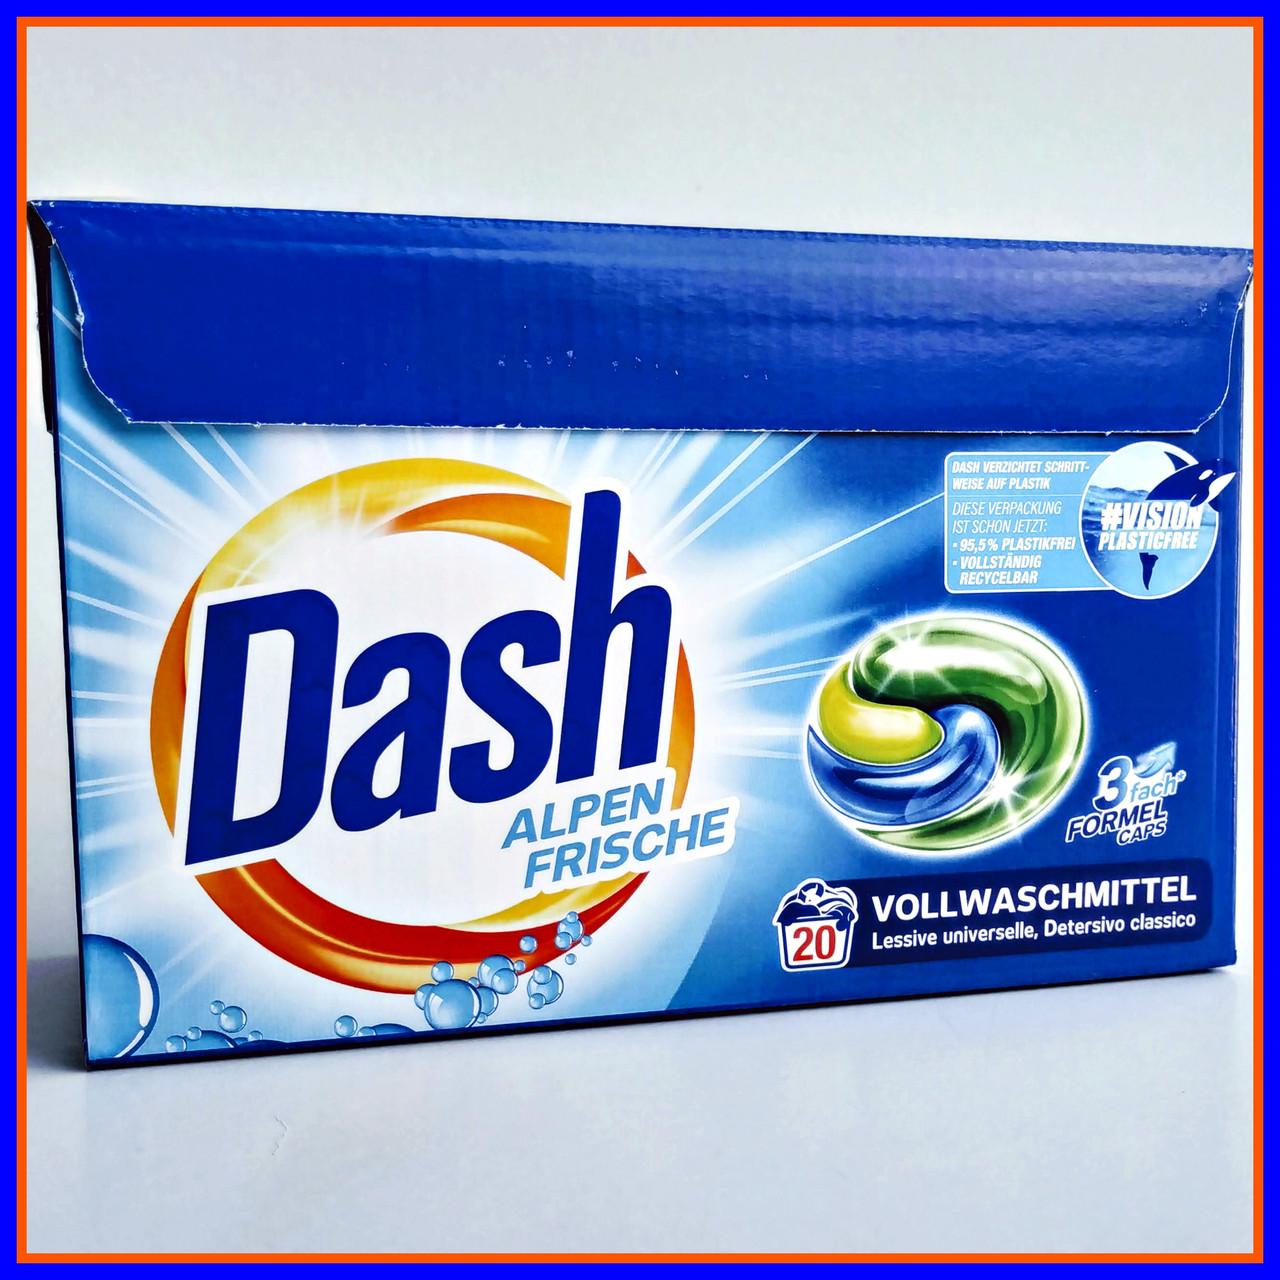 Капсули для прання універсальні Dash alpen frishe 3in1 20шт 530гр ОРИГІНАЛ